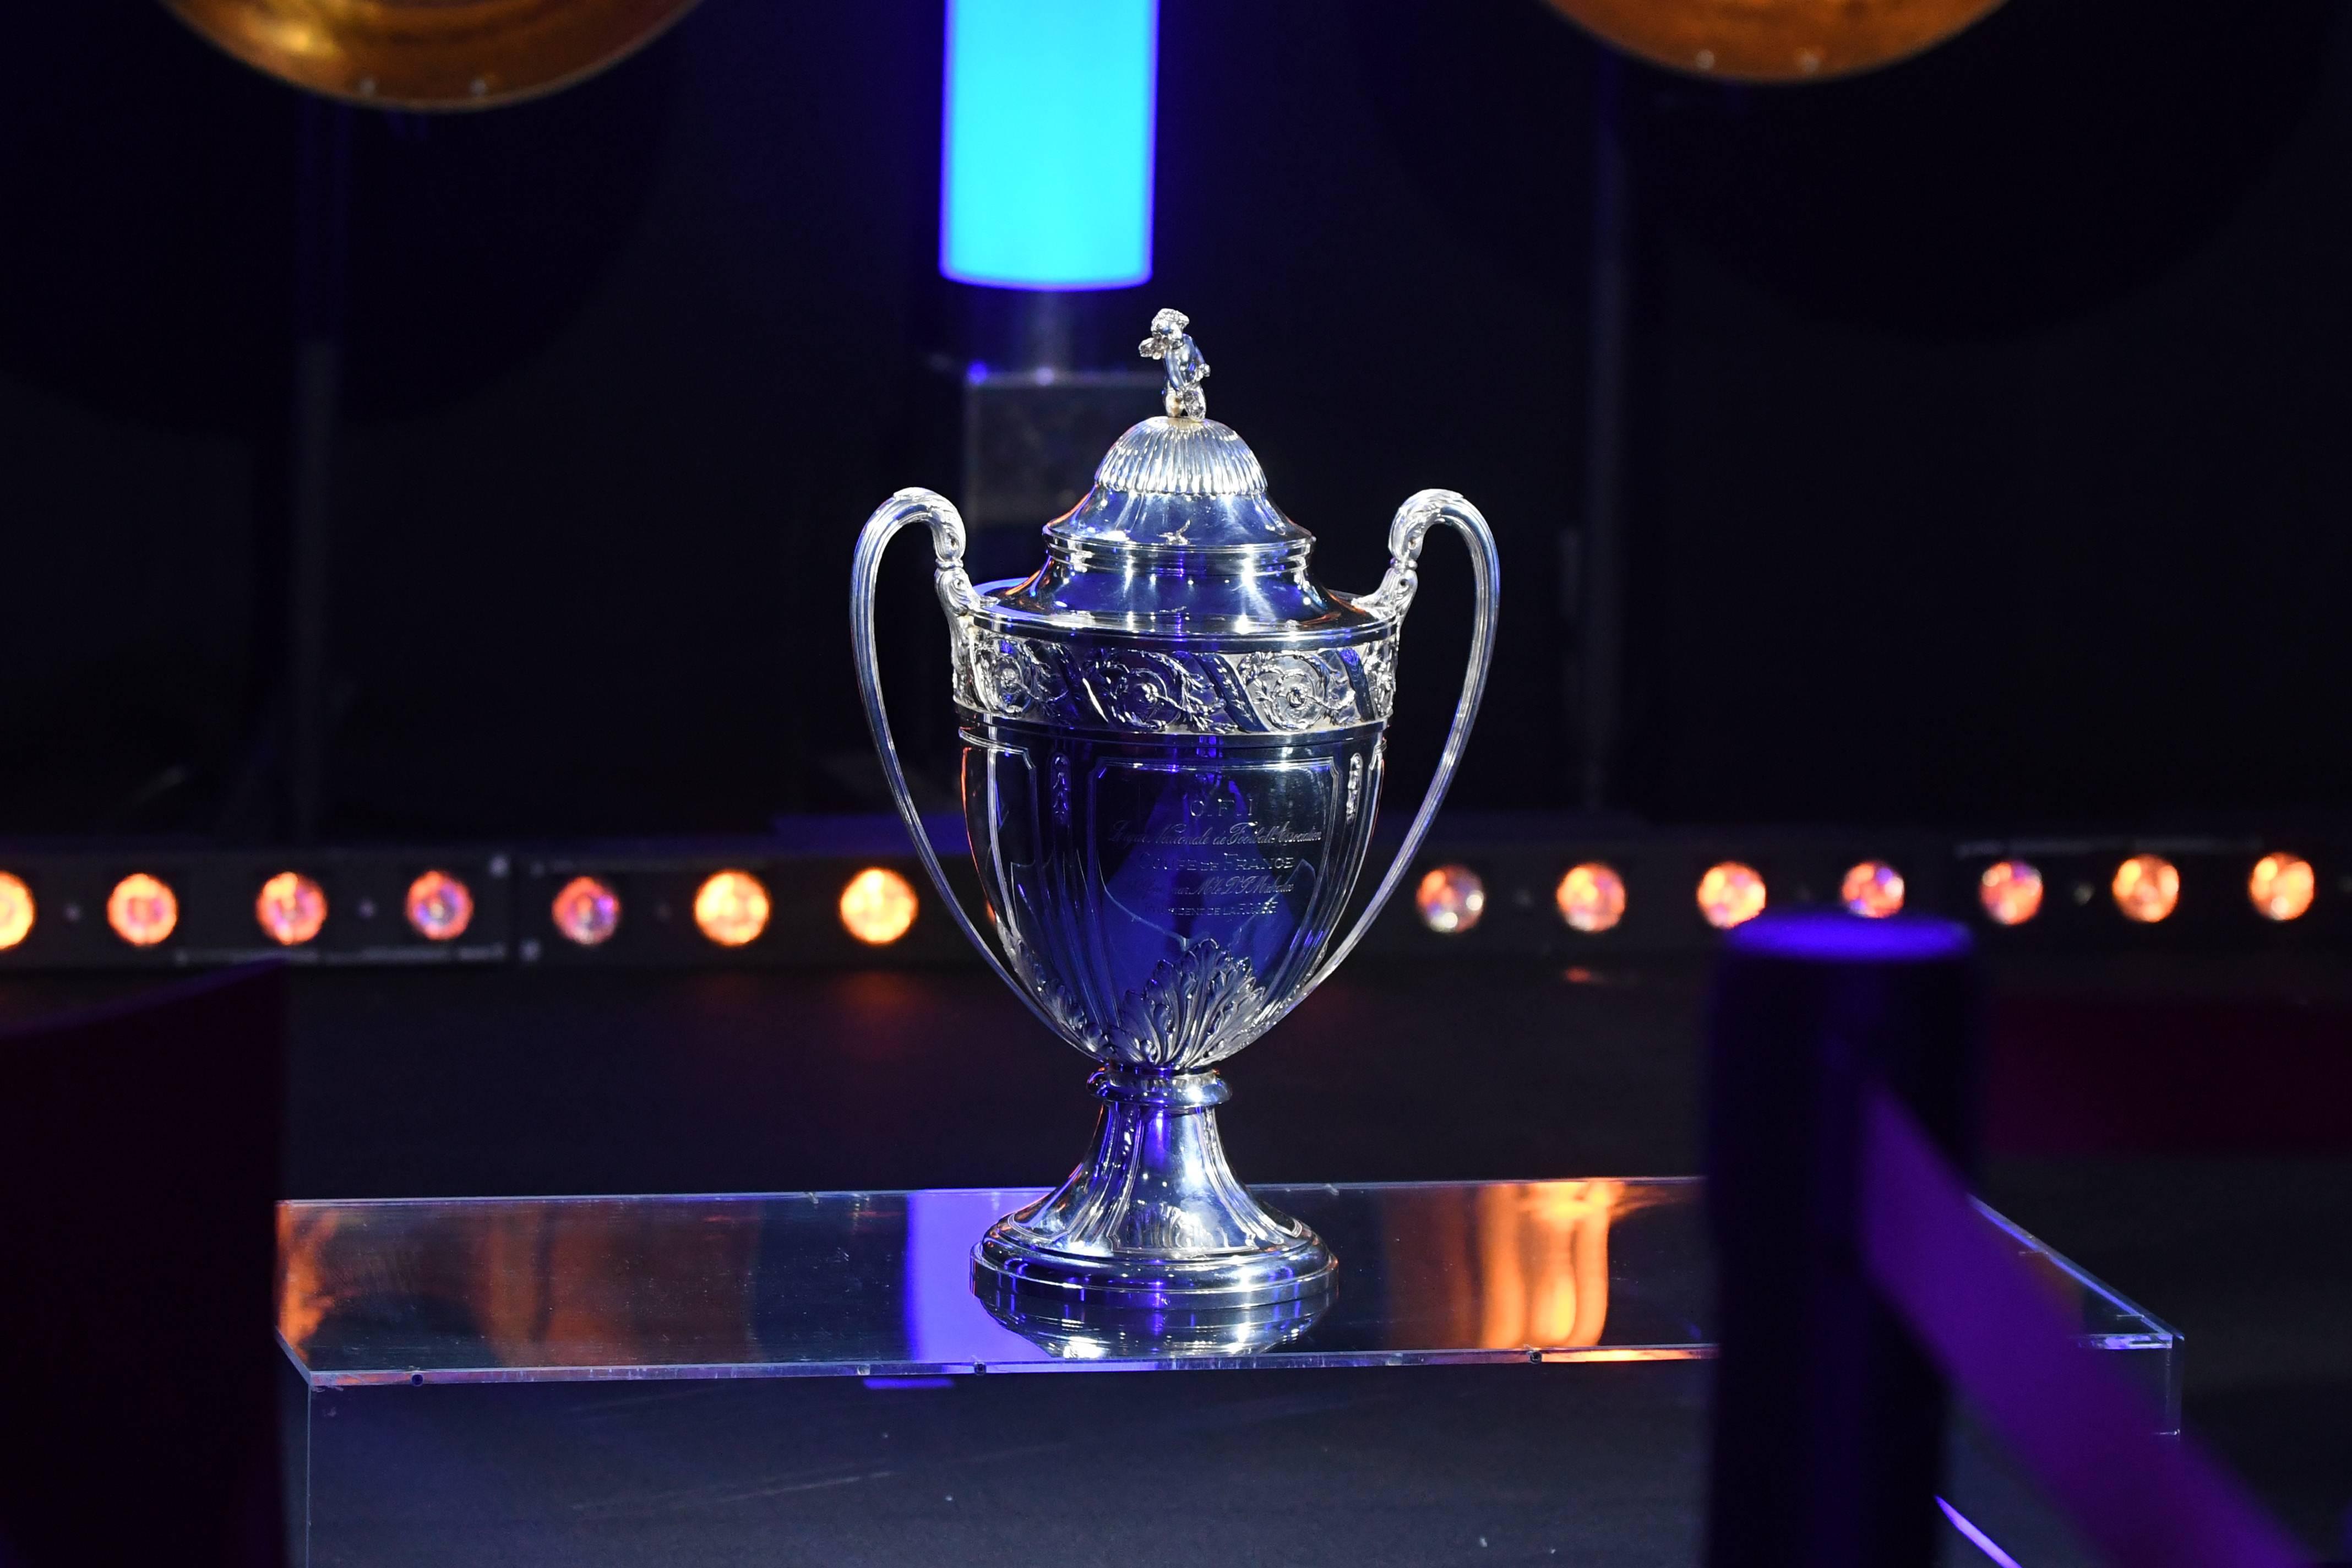 Coupe de France trophée photo illustration